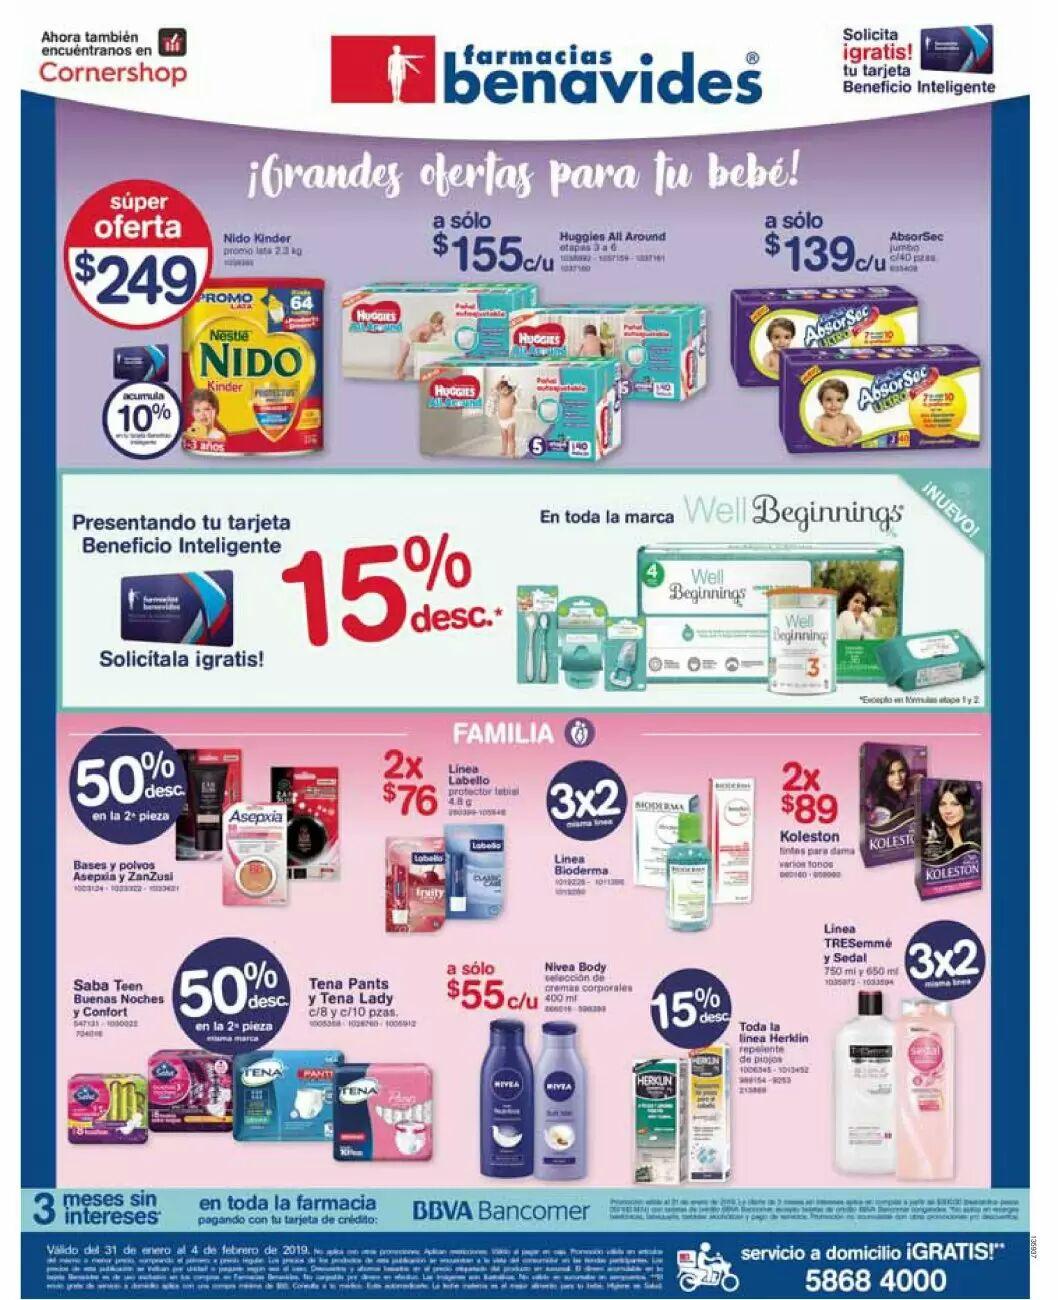 Farmacias Benavides: Ofertas del Jueves 31 de Enero al Lunes 4 de Febrero